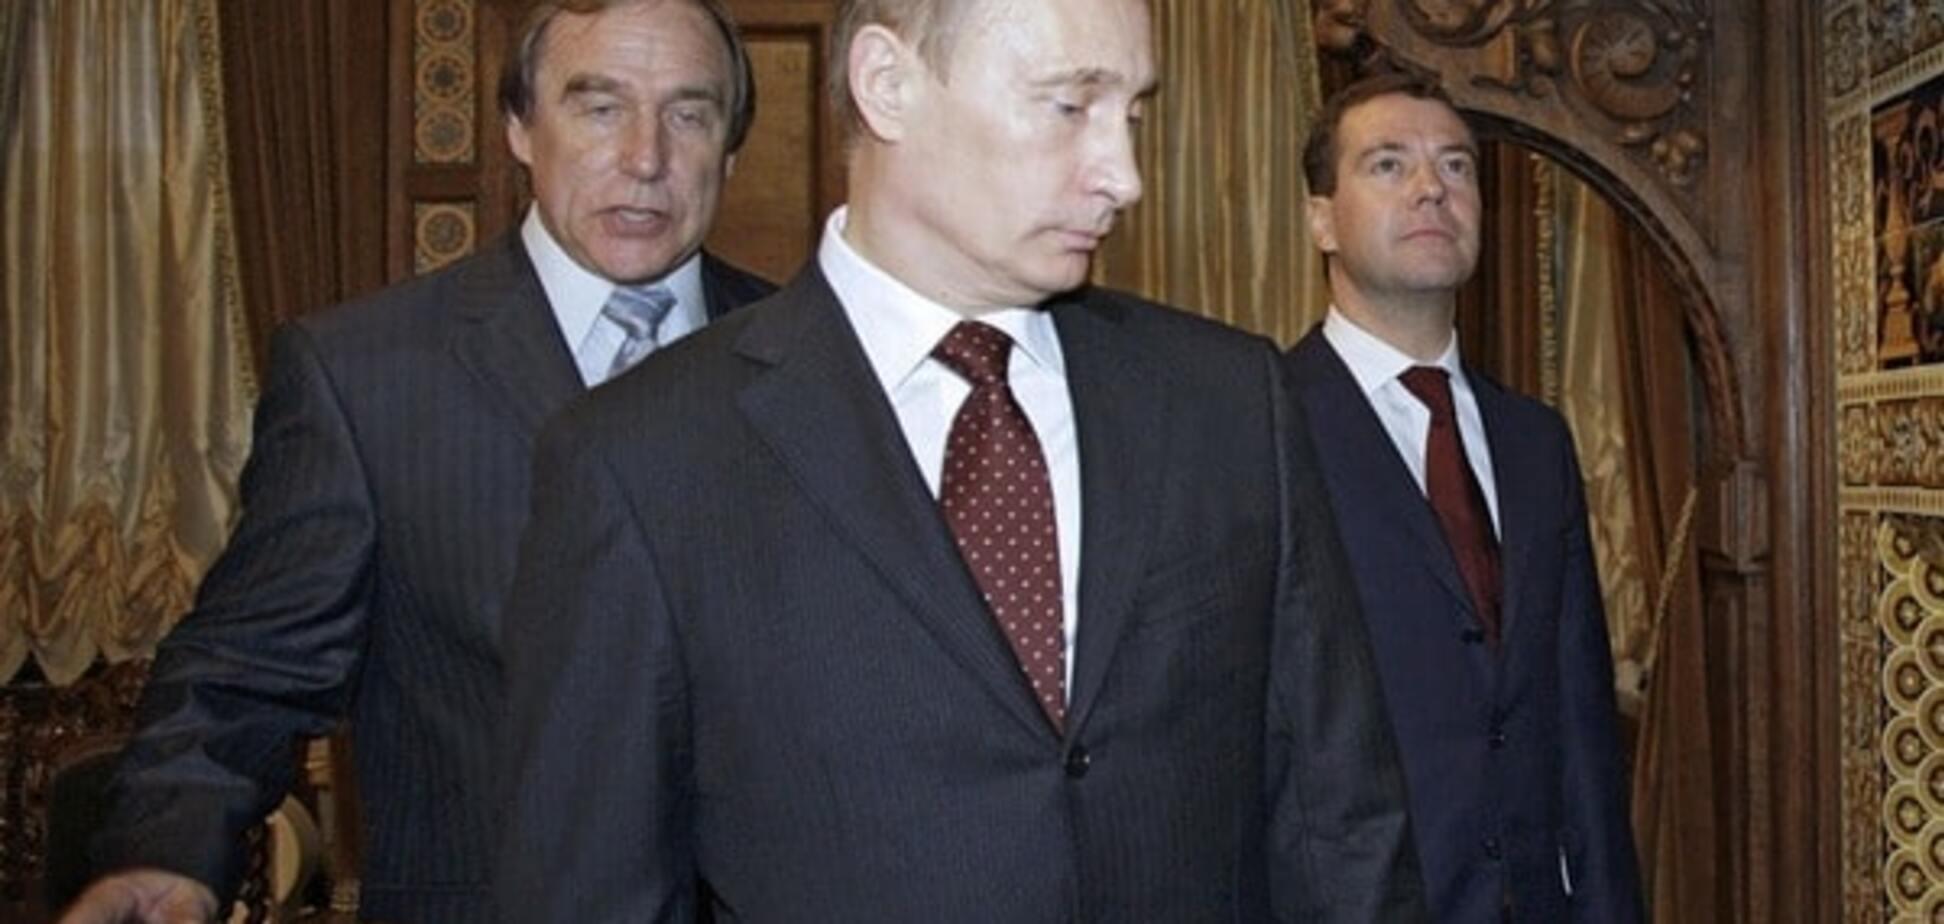 Сергей Ролдугин, Владимир Путин и Дмитрий Медведев